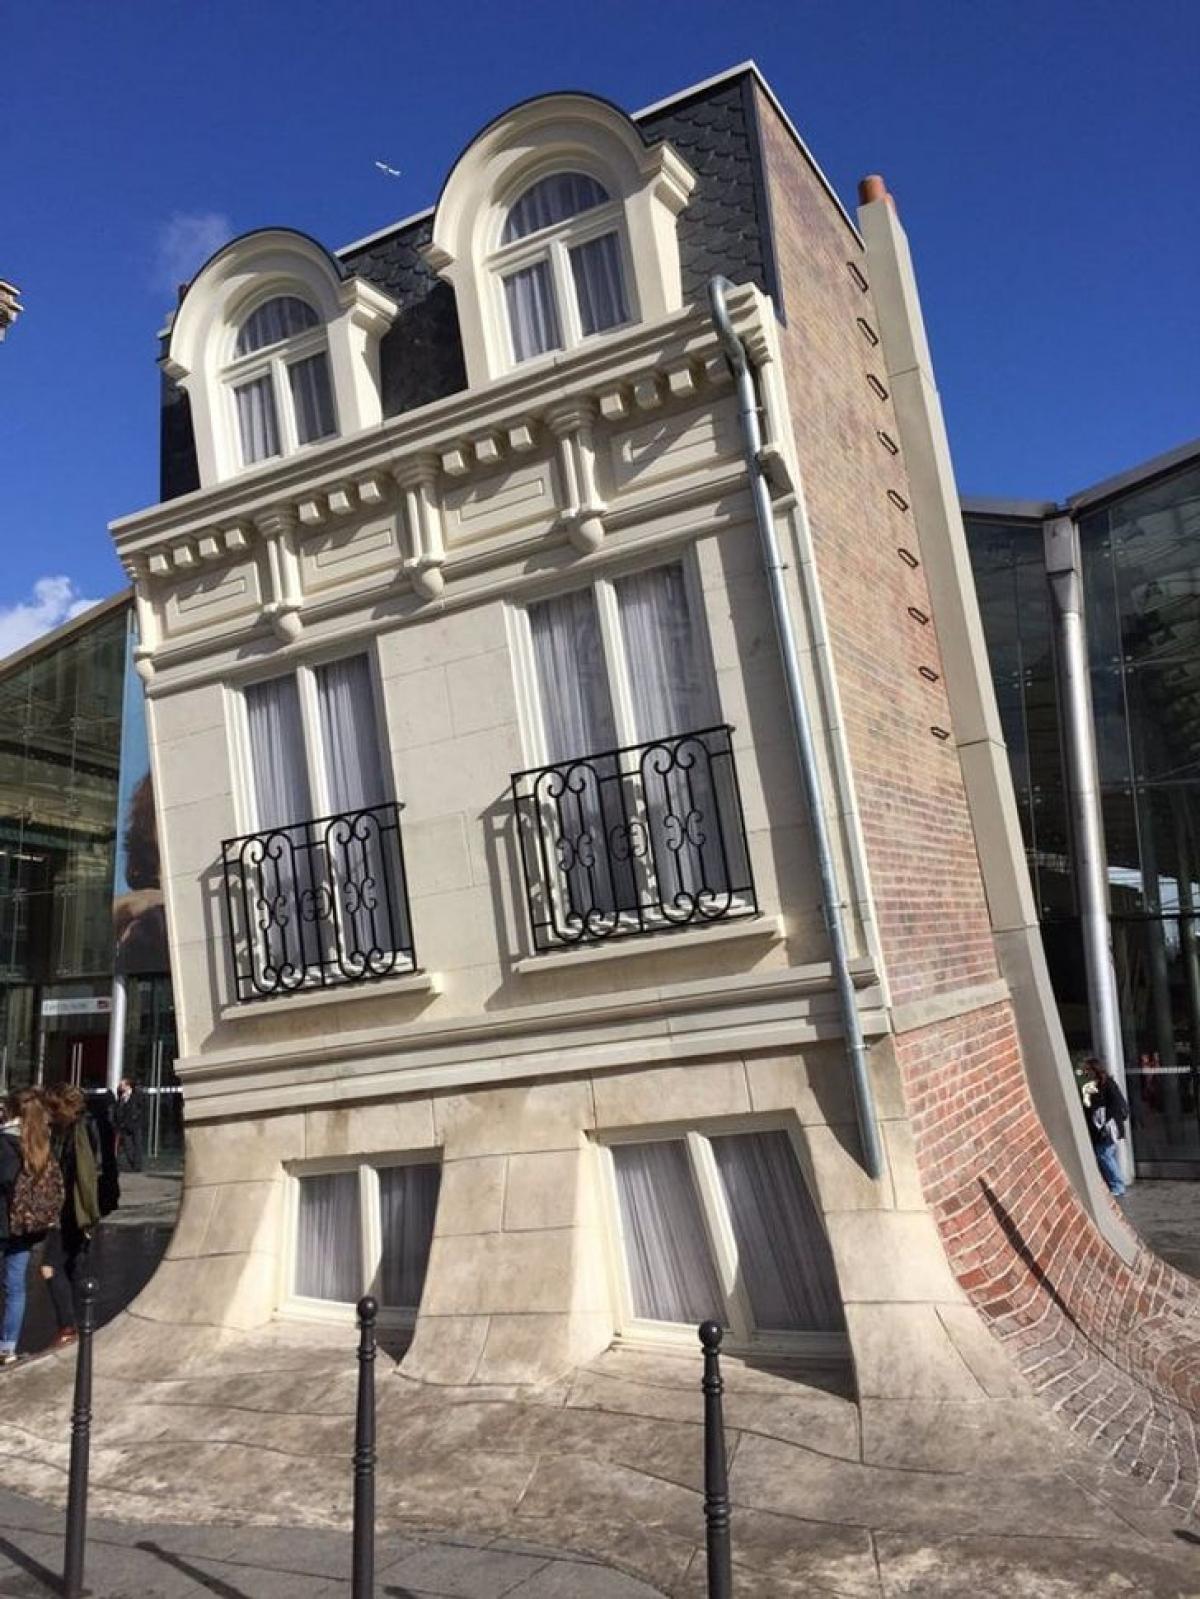 Căn biệt thực ở Paris, Pháp được thế kế với hình dáng như đang tan chảy.